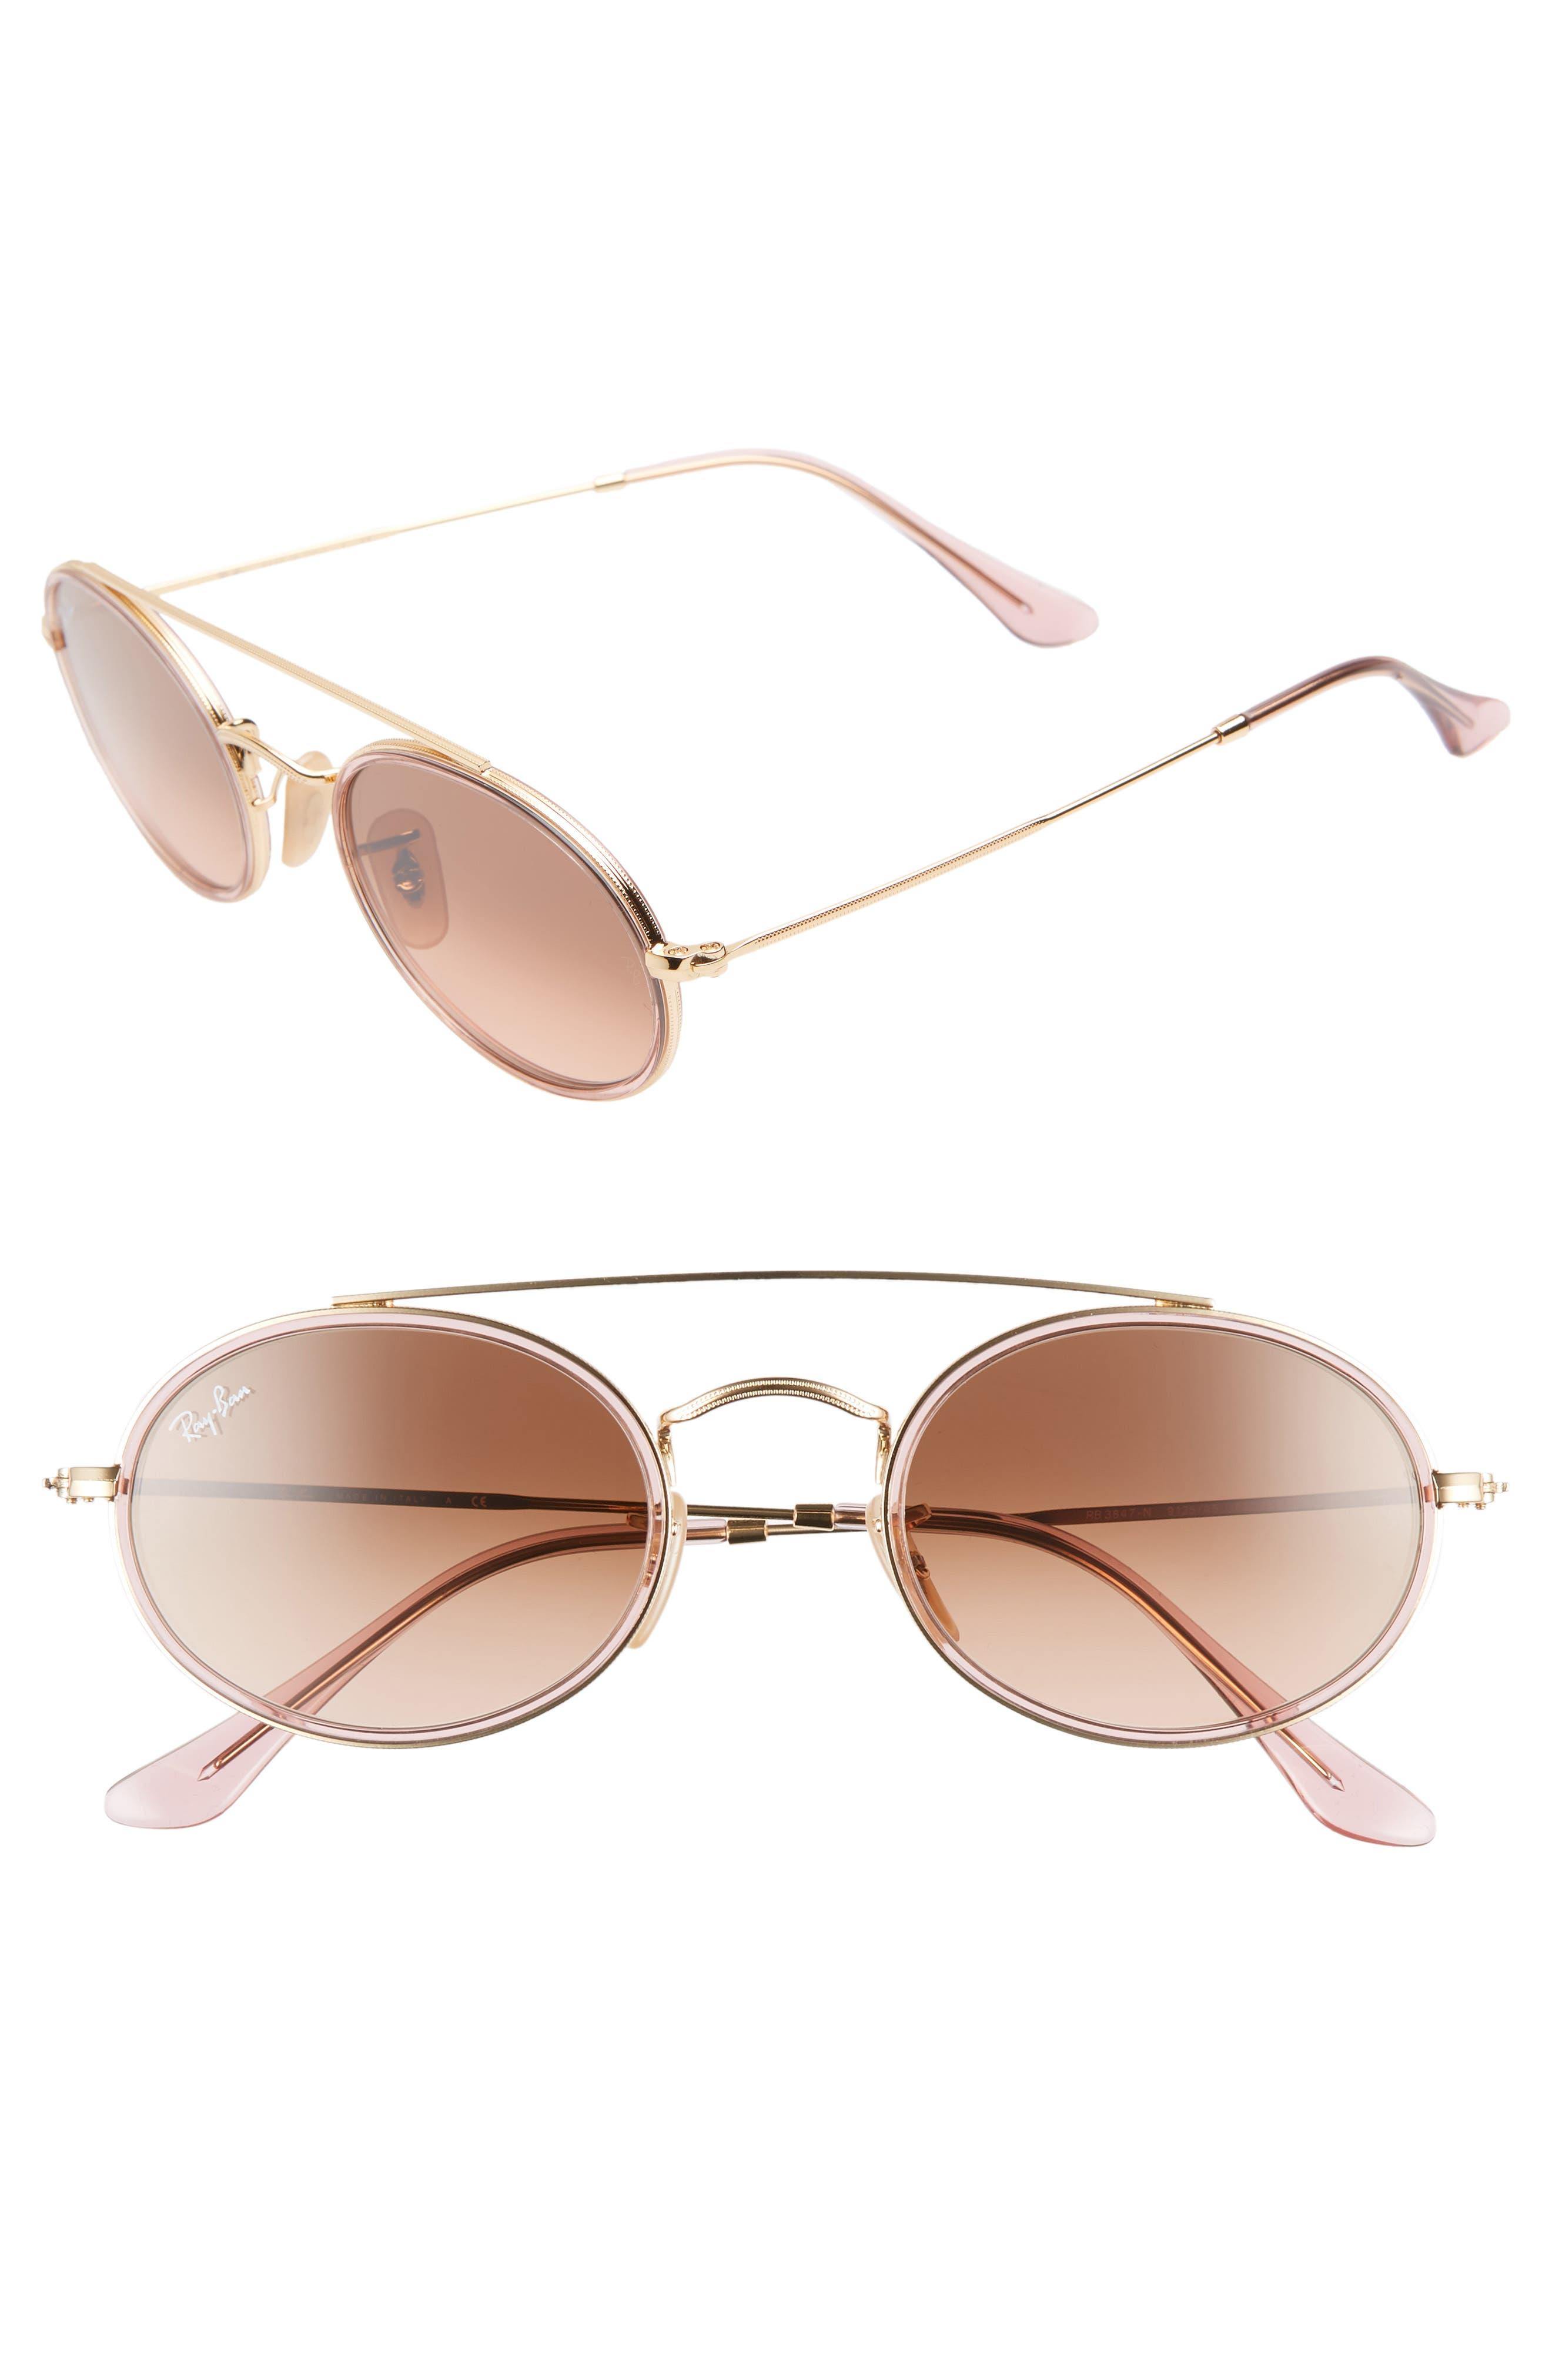 Elite 52mm Gradient Oval Sunglasses,                             Main thumbnail 1, color,                             712